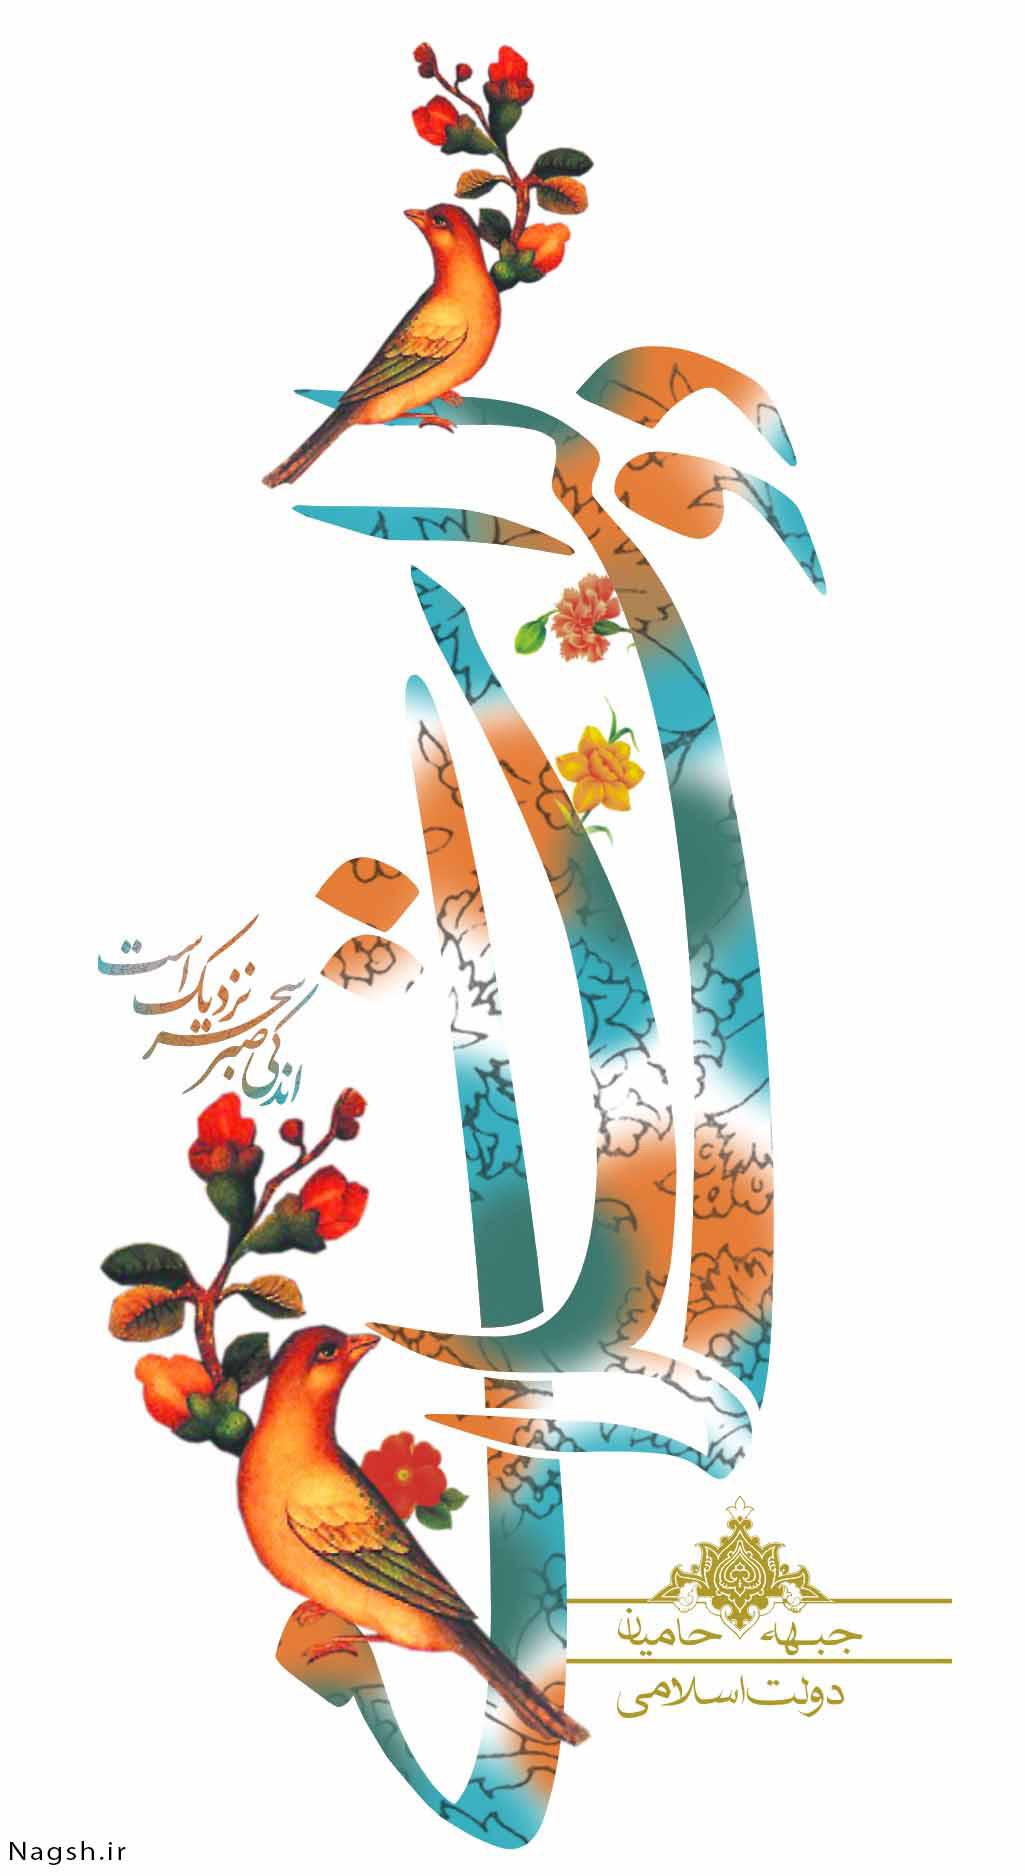 پوستر دولت اسلامی